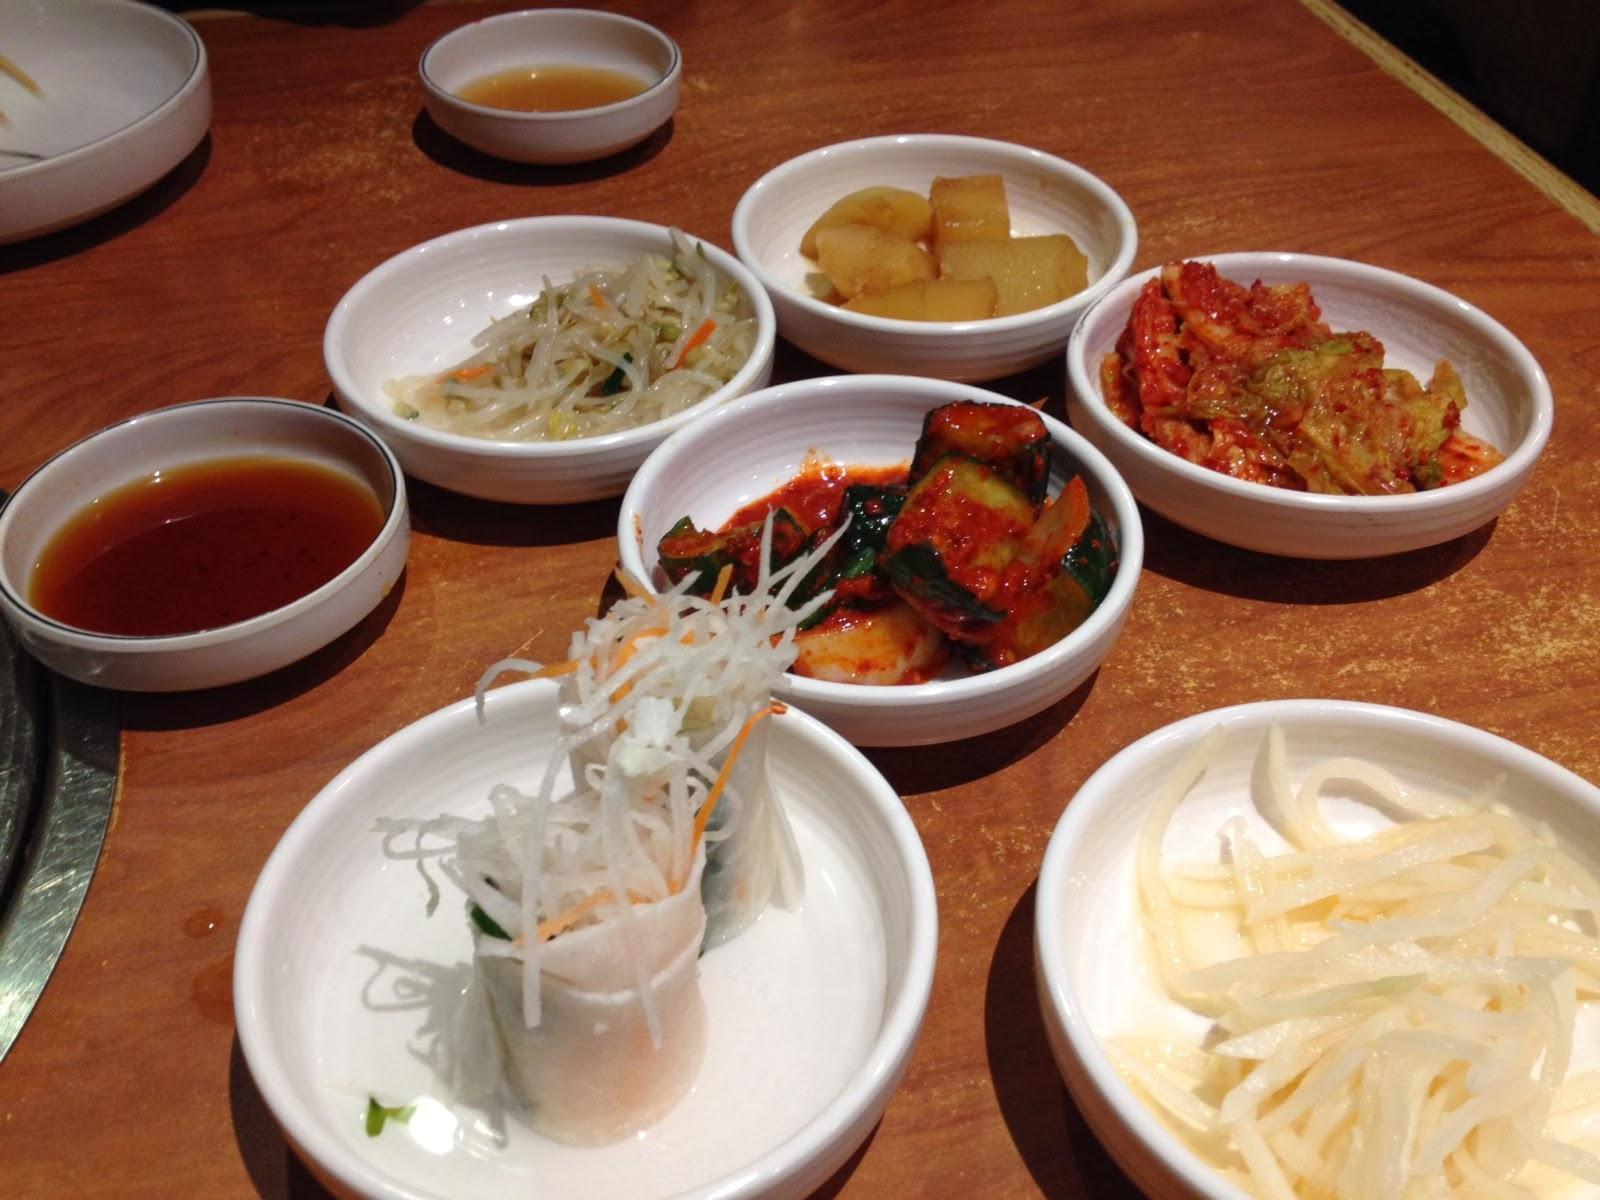 Insadong Korean Bbq Seafood Restaurant Coquitlam